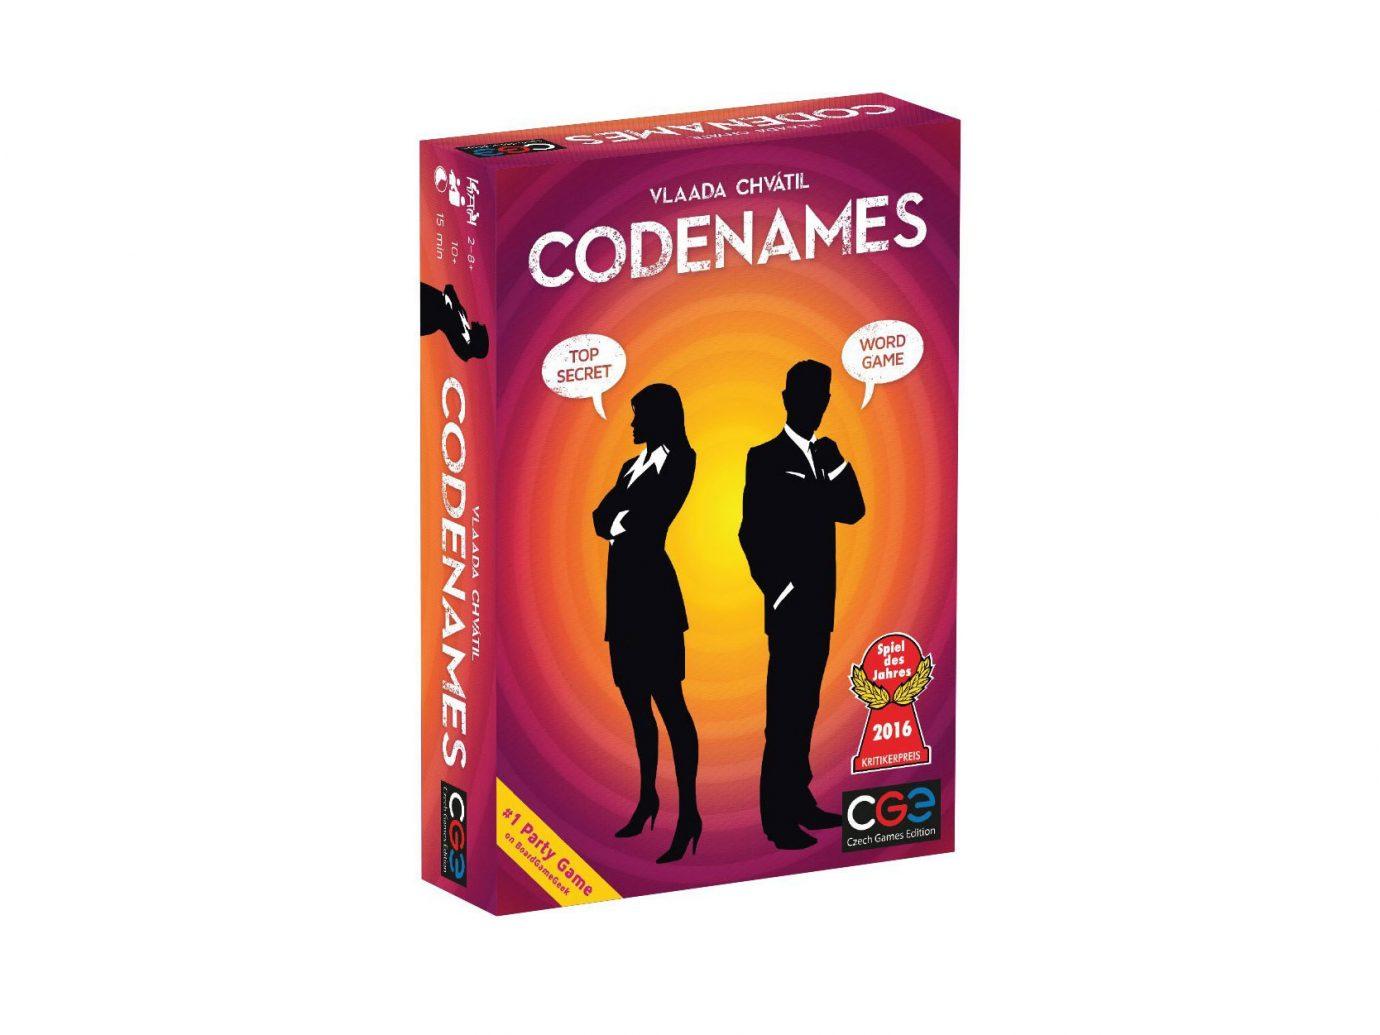 Buy Codenames Game on Amazon